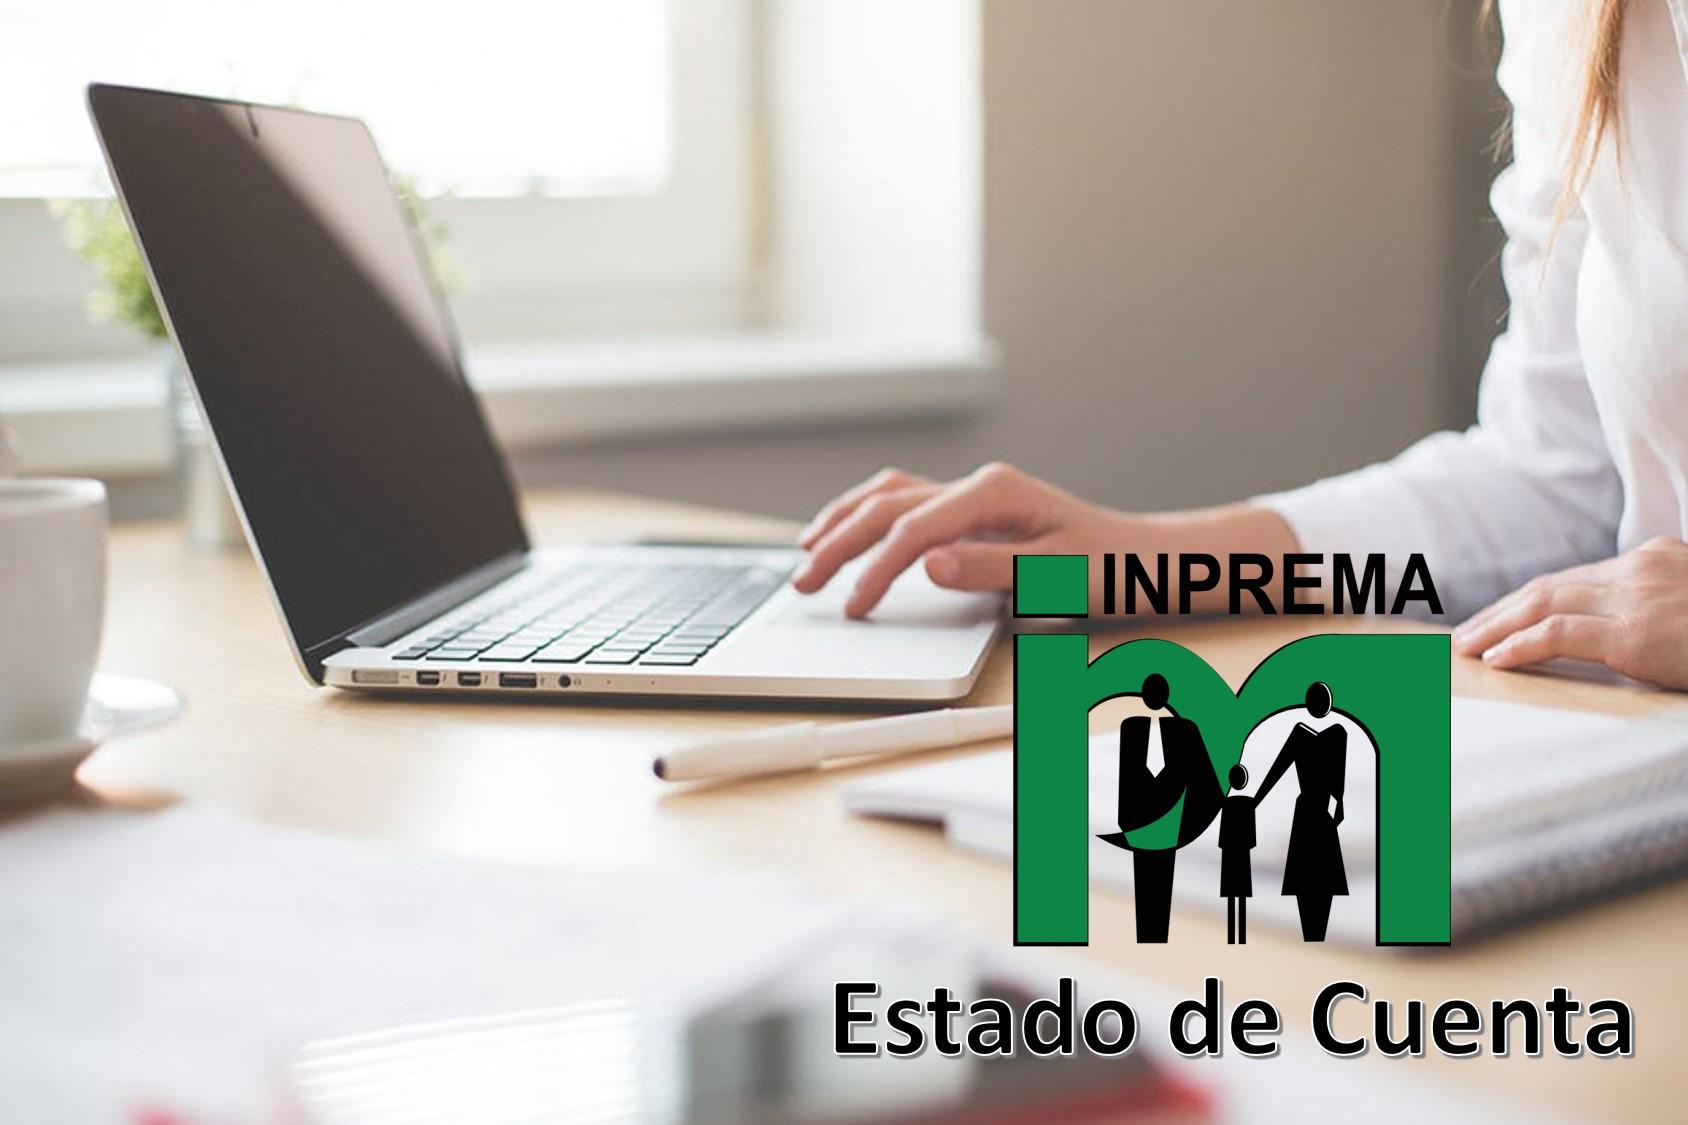 estado-de-cuenta-INPREMA-1